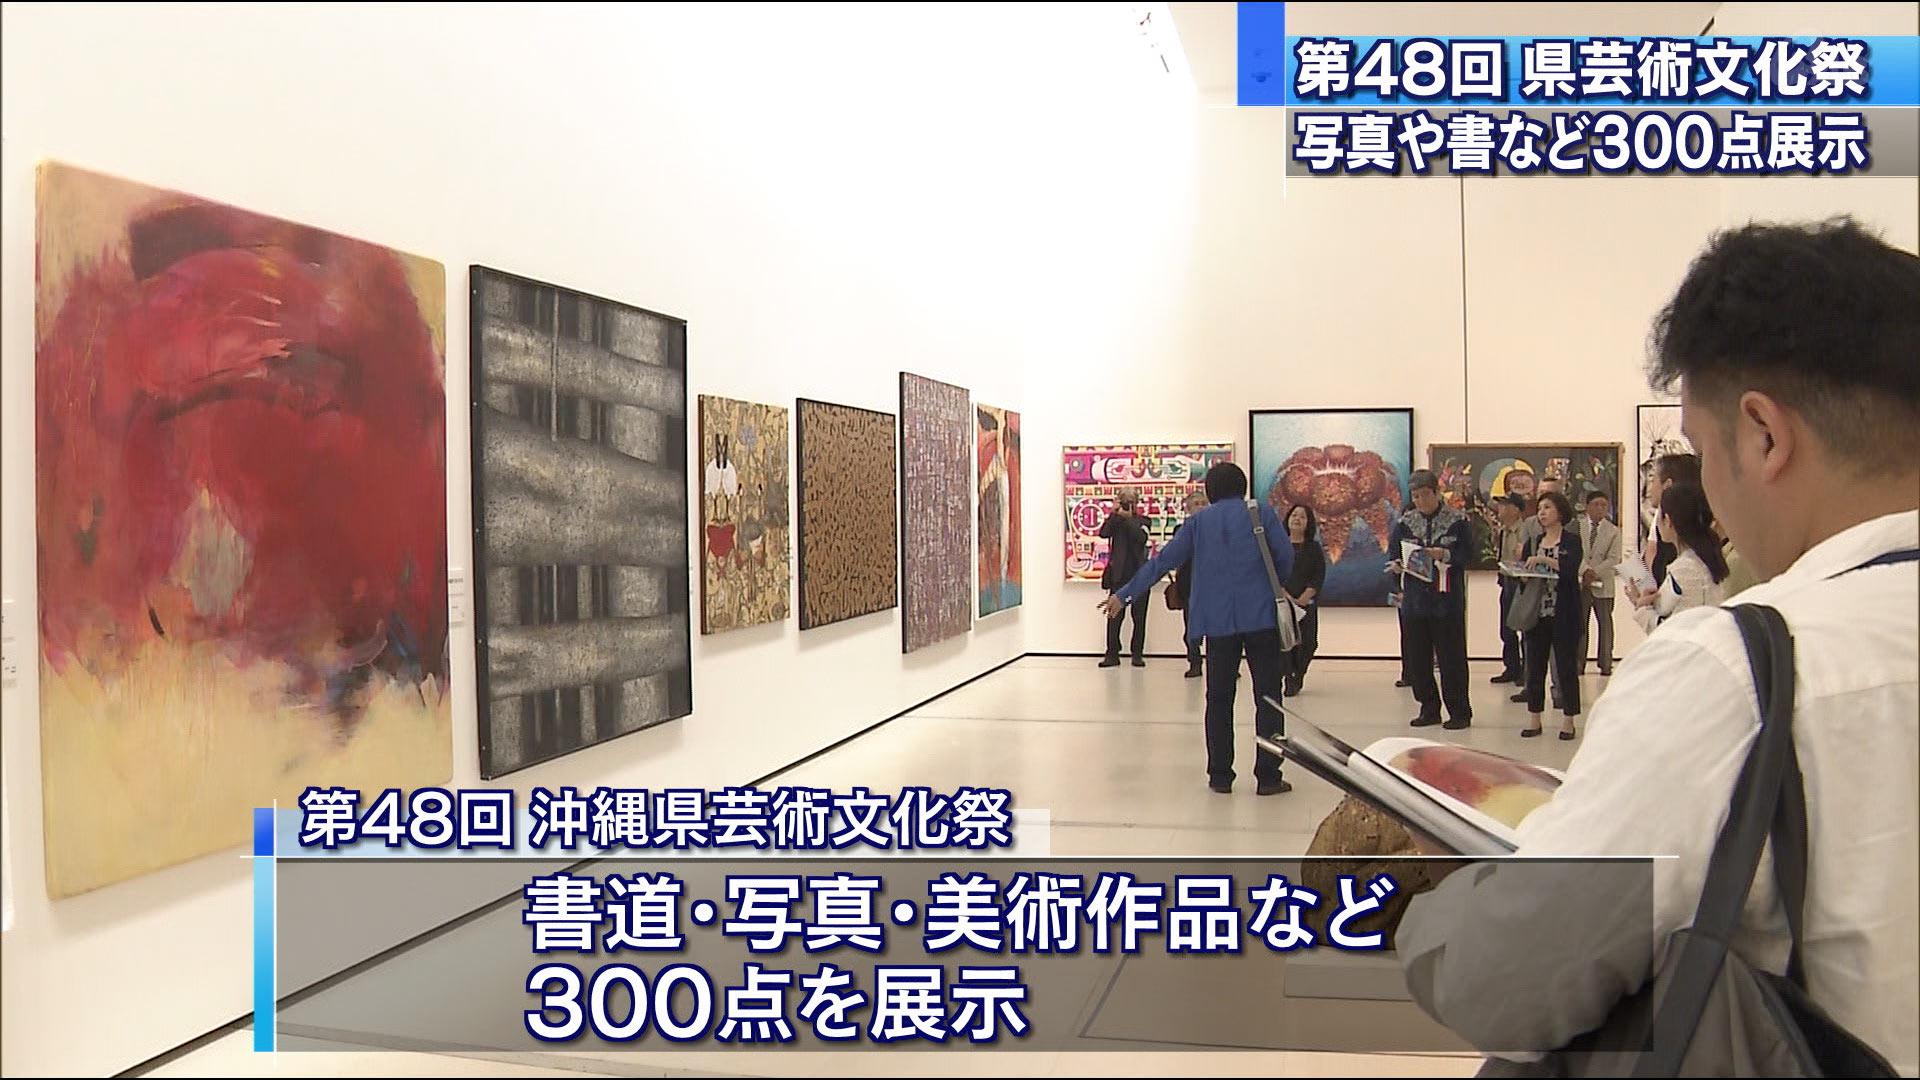 沖縄県芸術文化祭 芸術作品300点が一堂に